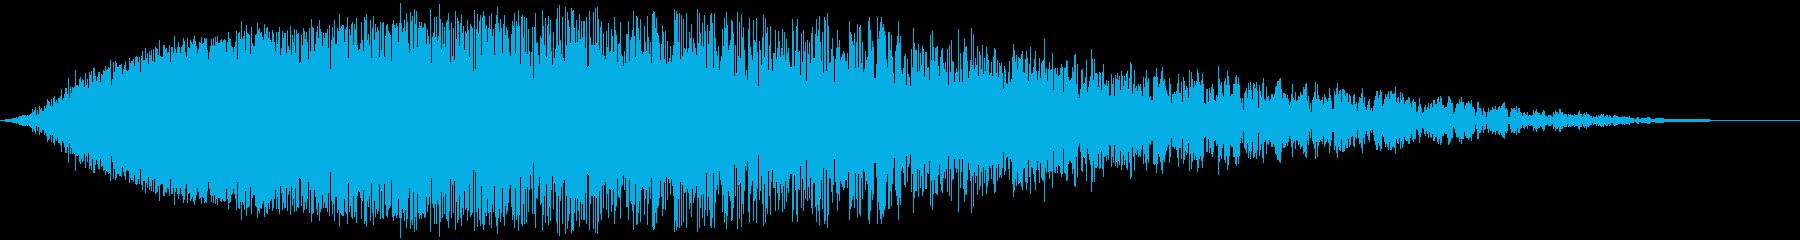 【SF】 宇宙船 エンジン音 帰還の再生済みの波形